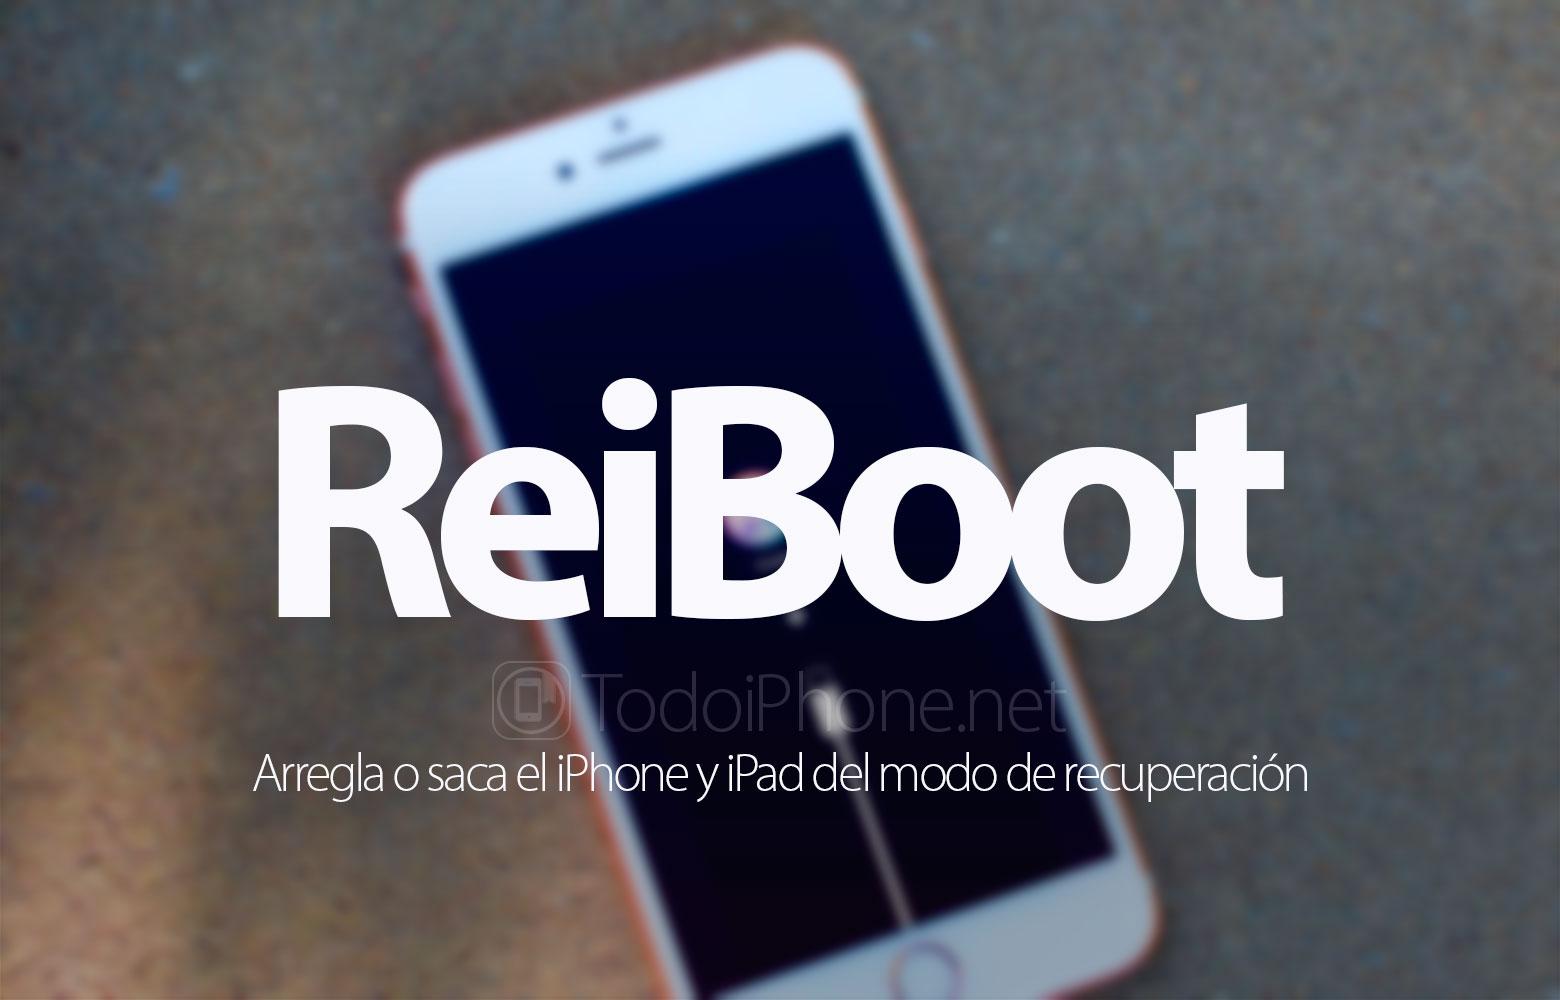 reiboot-arregla-saca-iphone-ipad-modo-recuperacion